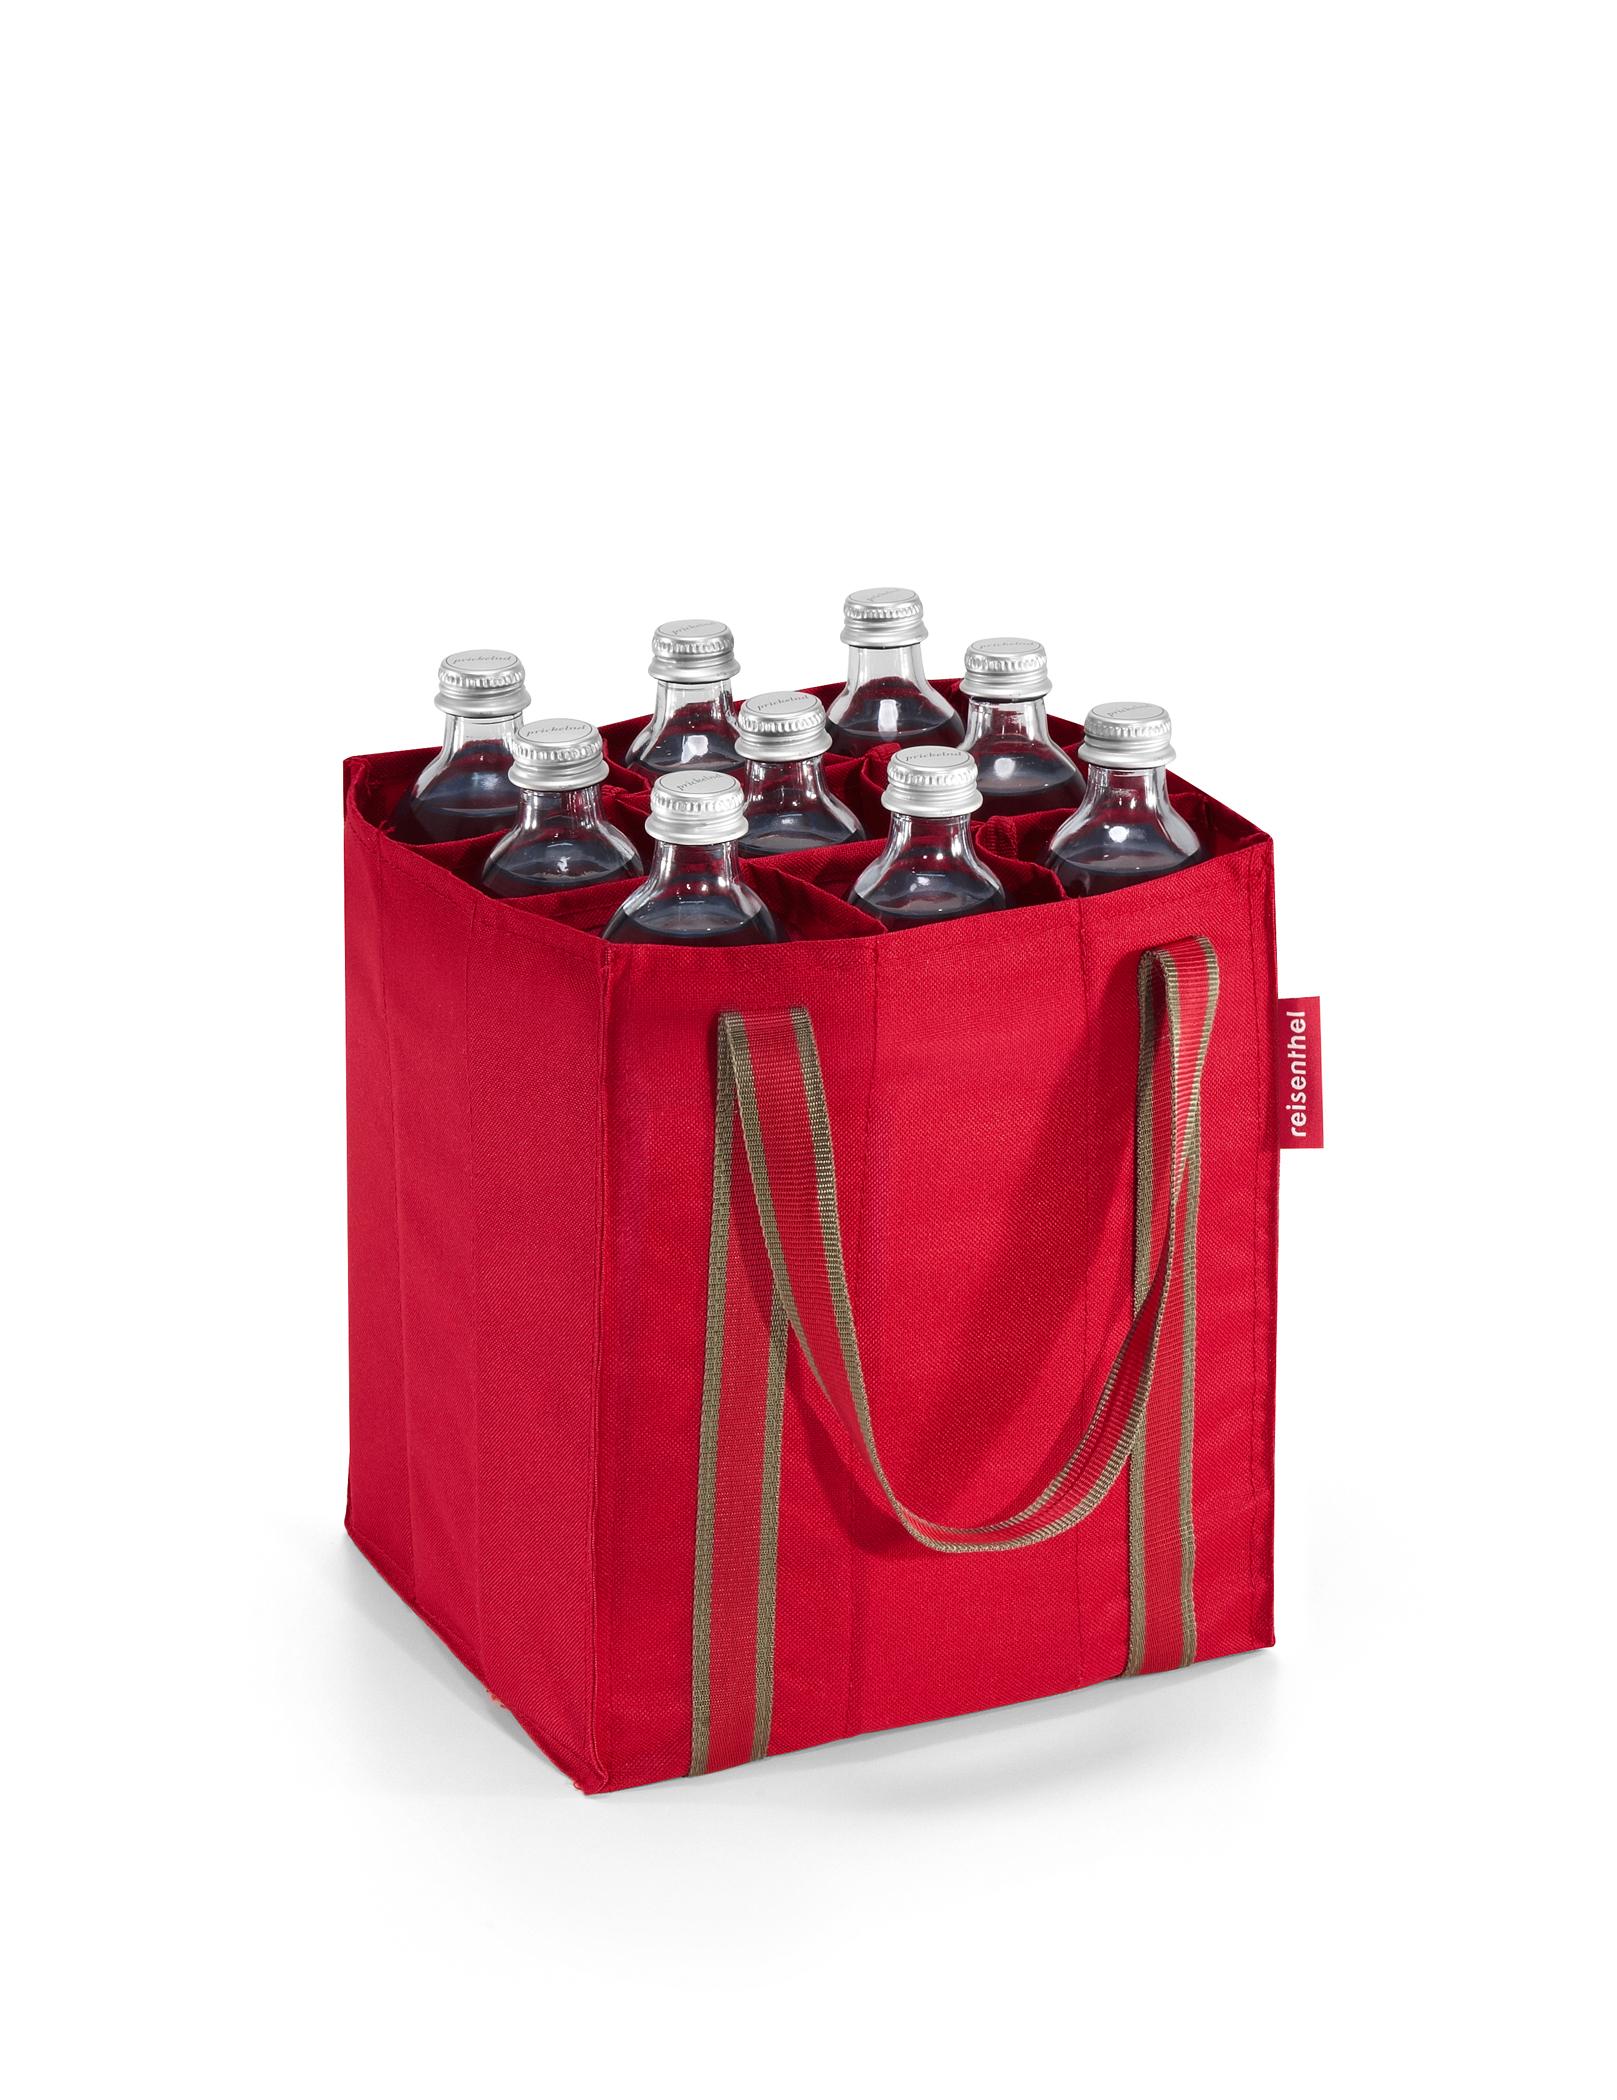 Reisenthel BottleBag Red Stripes